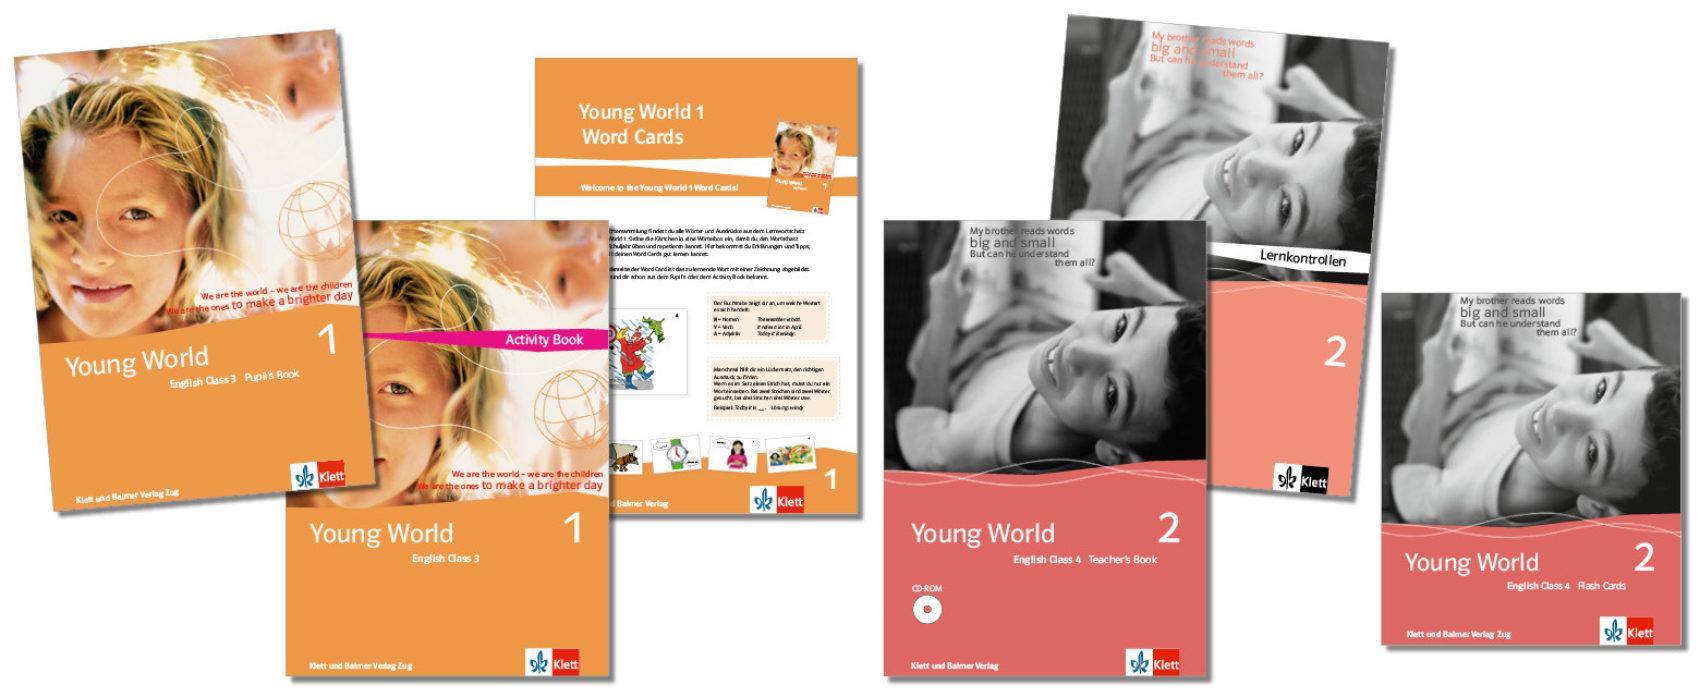 Teaser lehrwerksteile young world klett und balmer